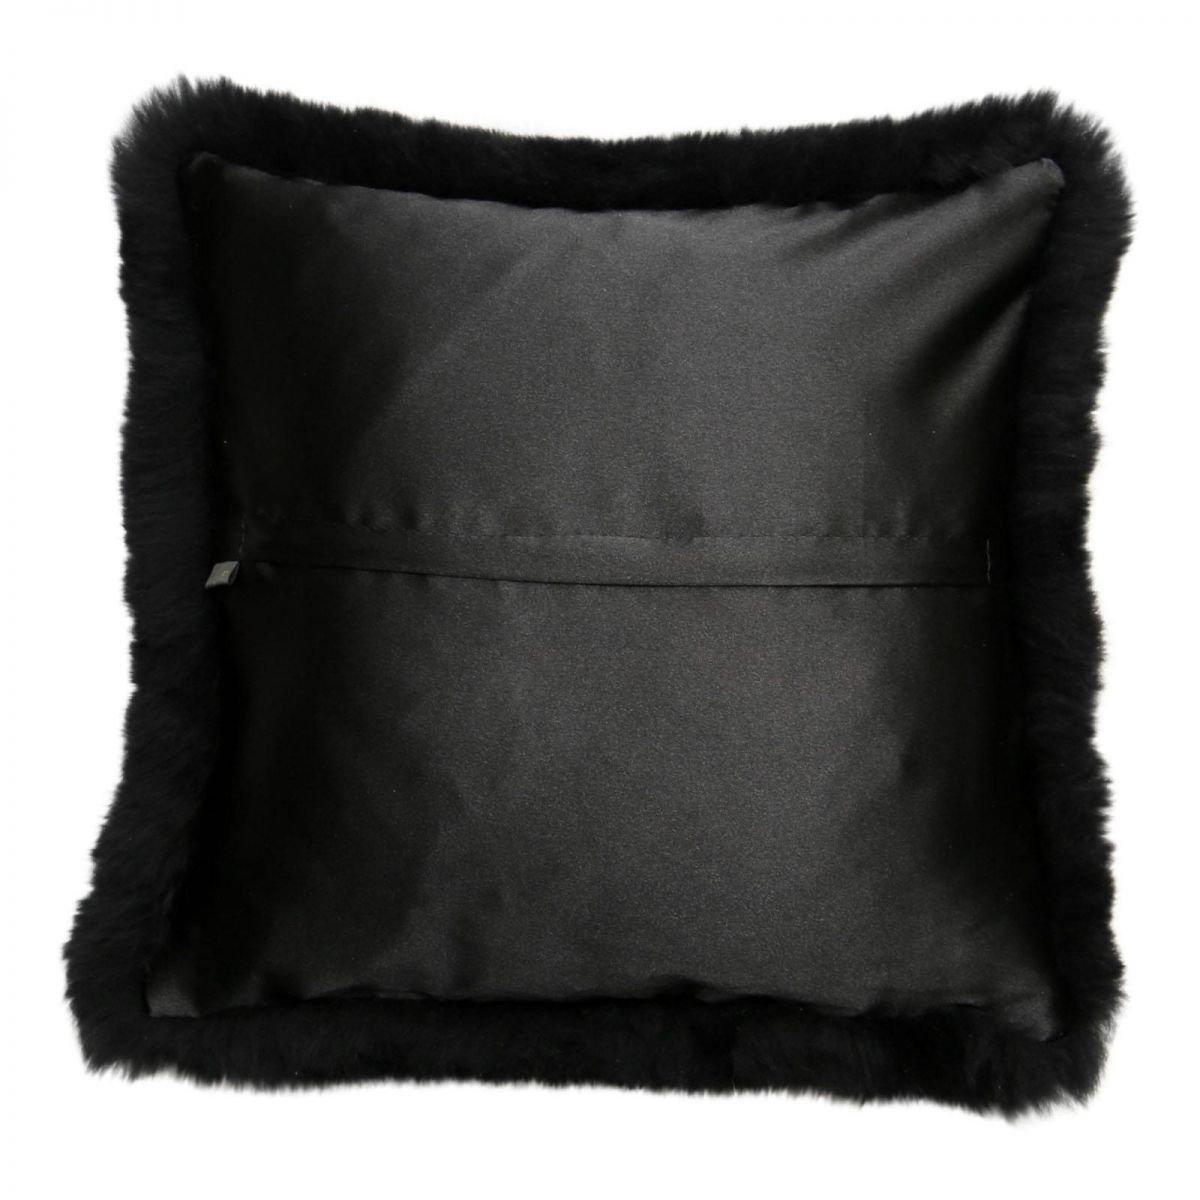 Hollert German German German Leather Fashion Lammfellkissen - Merino GESCHOREN 45 x 45 cm Echtfell Inclusive Innenkissen aus Dauen Farbe Weiß B01I3IXHHI Zierkissen 01d31d